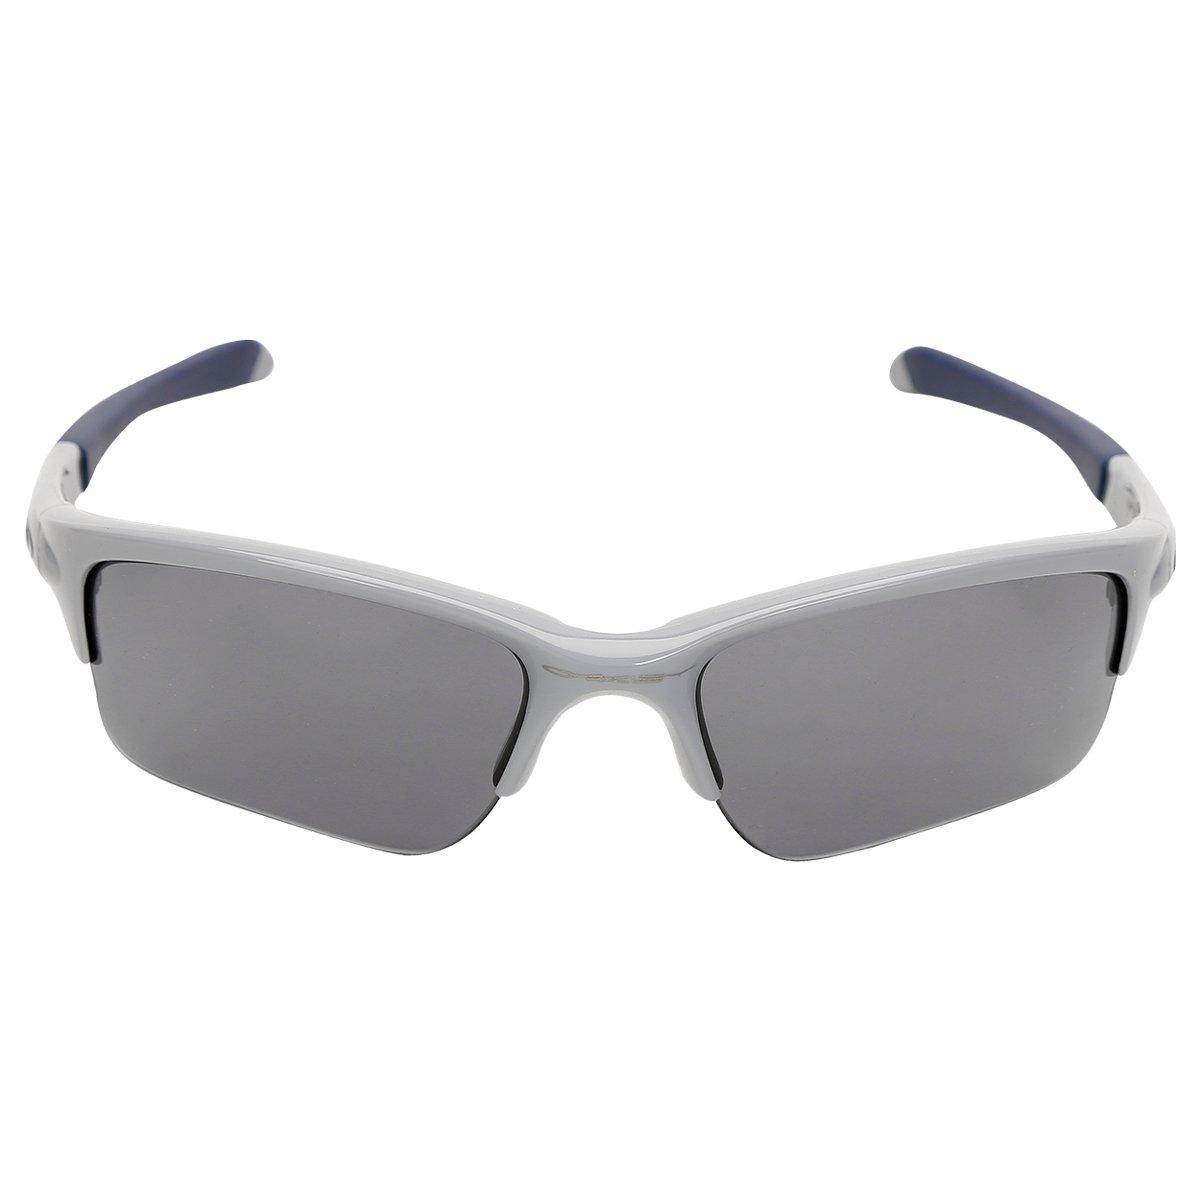 Óculos Oakley Quarter Jacket - Iridium - Compre Agora   Netshoes 51c9831a8a